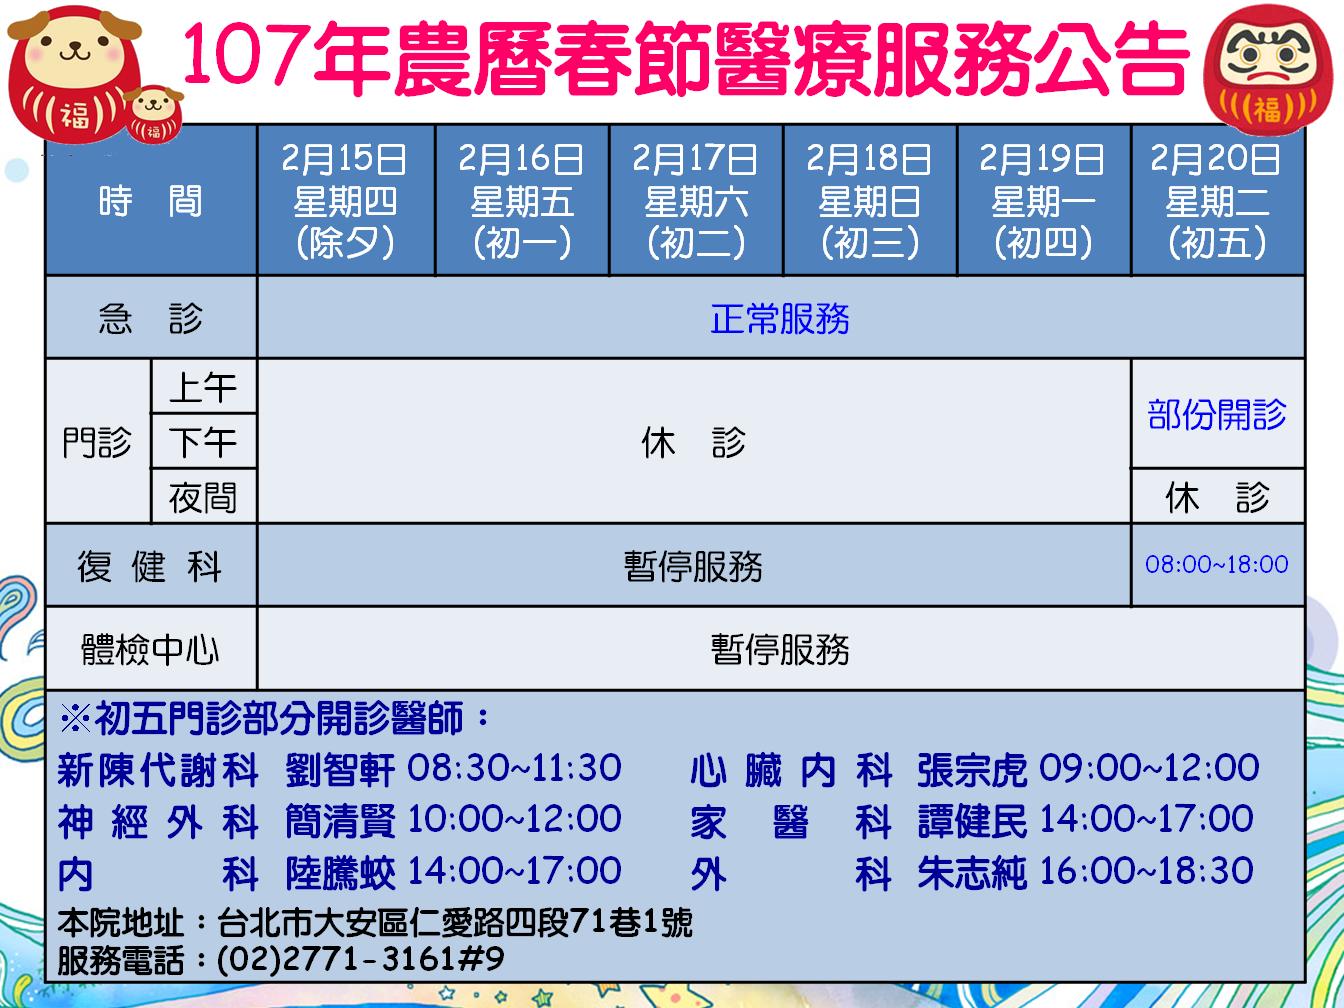 107年農曆春節醫療服務公告